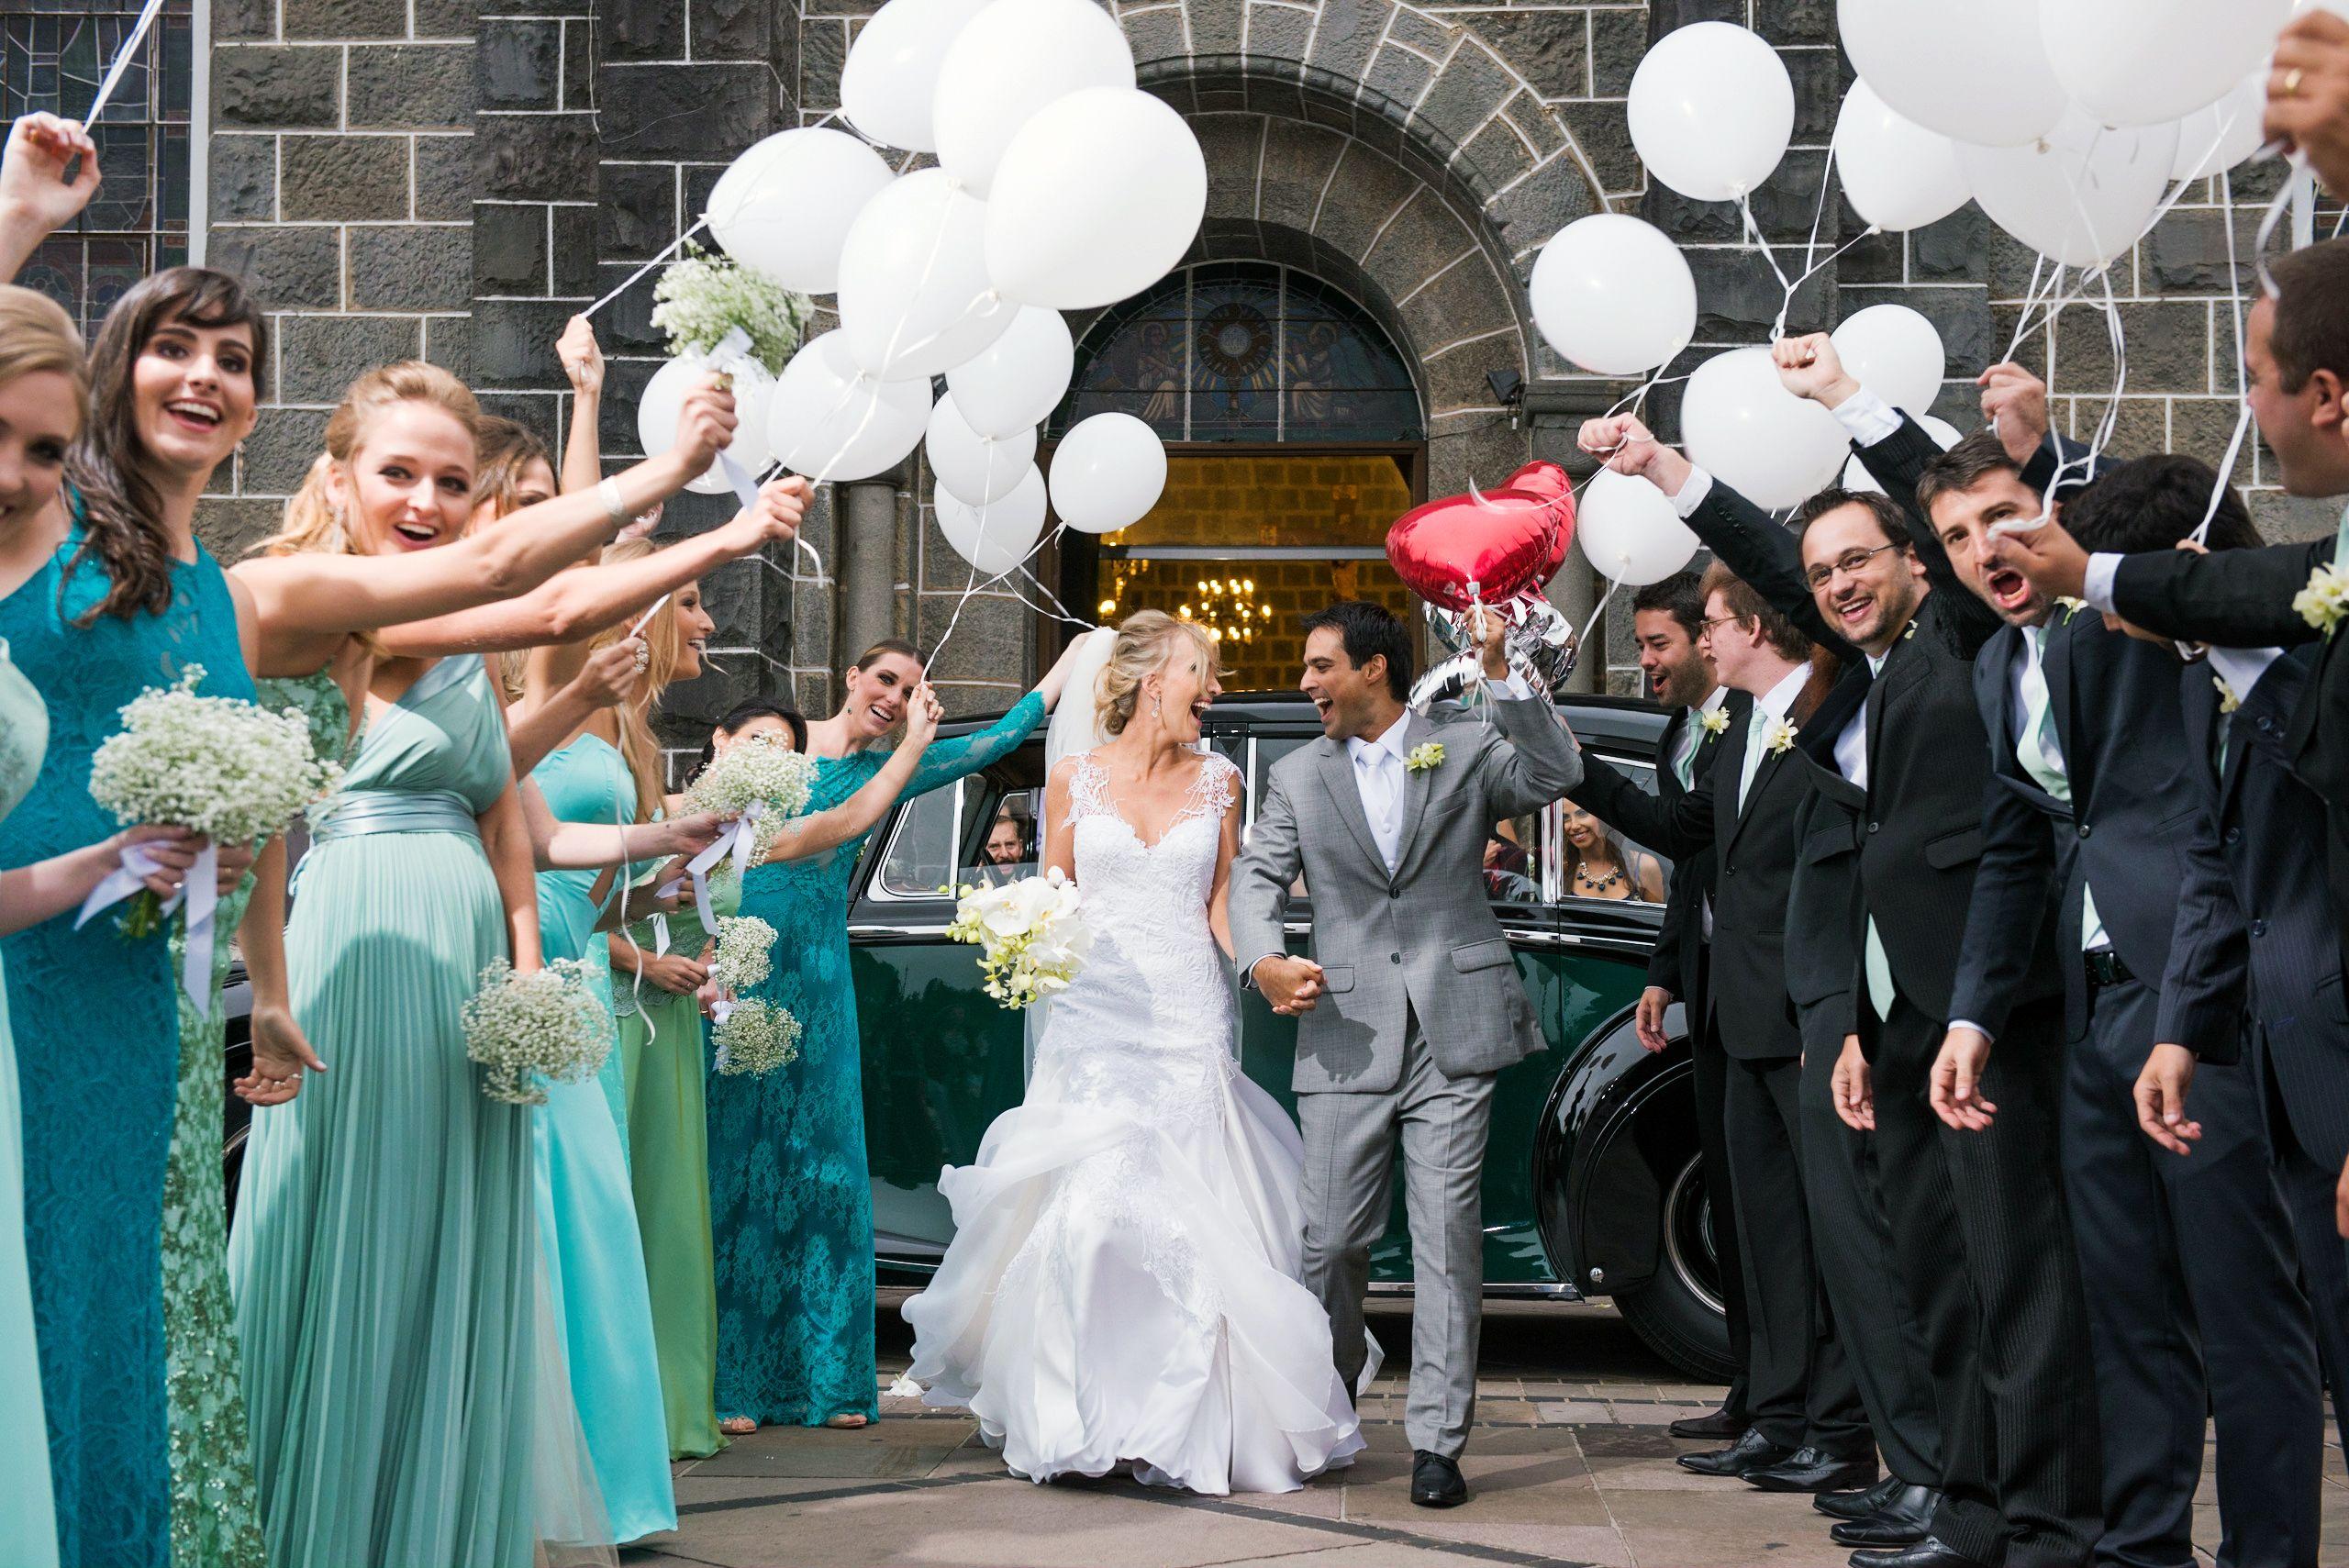 Wedding | Casamento | Wedding Dress | Vestido de Noiva | Véu de noiva | Vestido de Madrinha | Madrinha | Maid of Honor | Vestido de Madrinha Azul